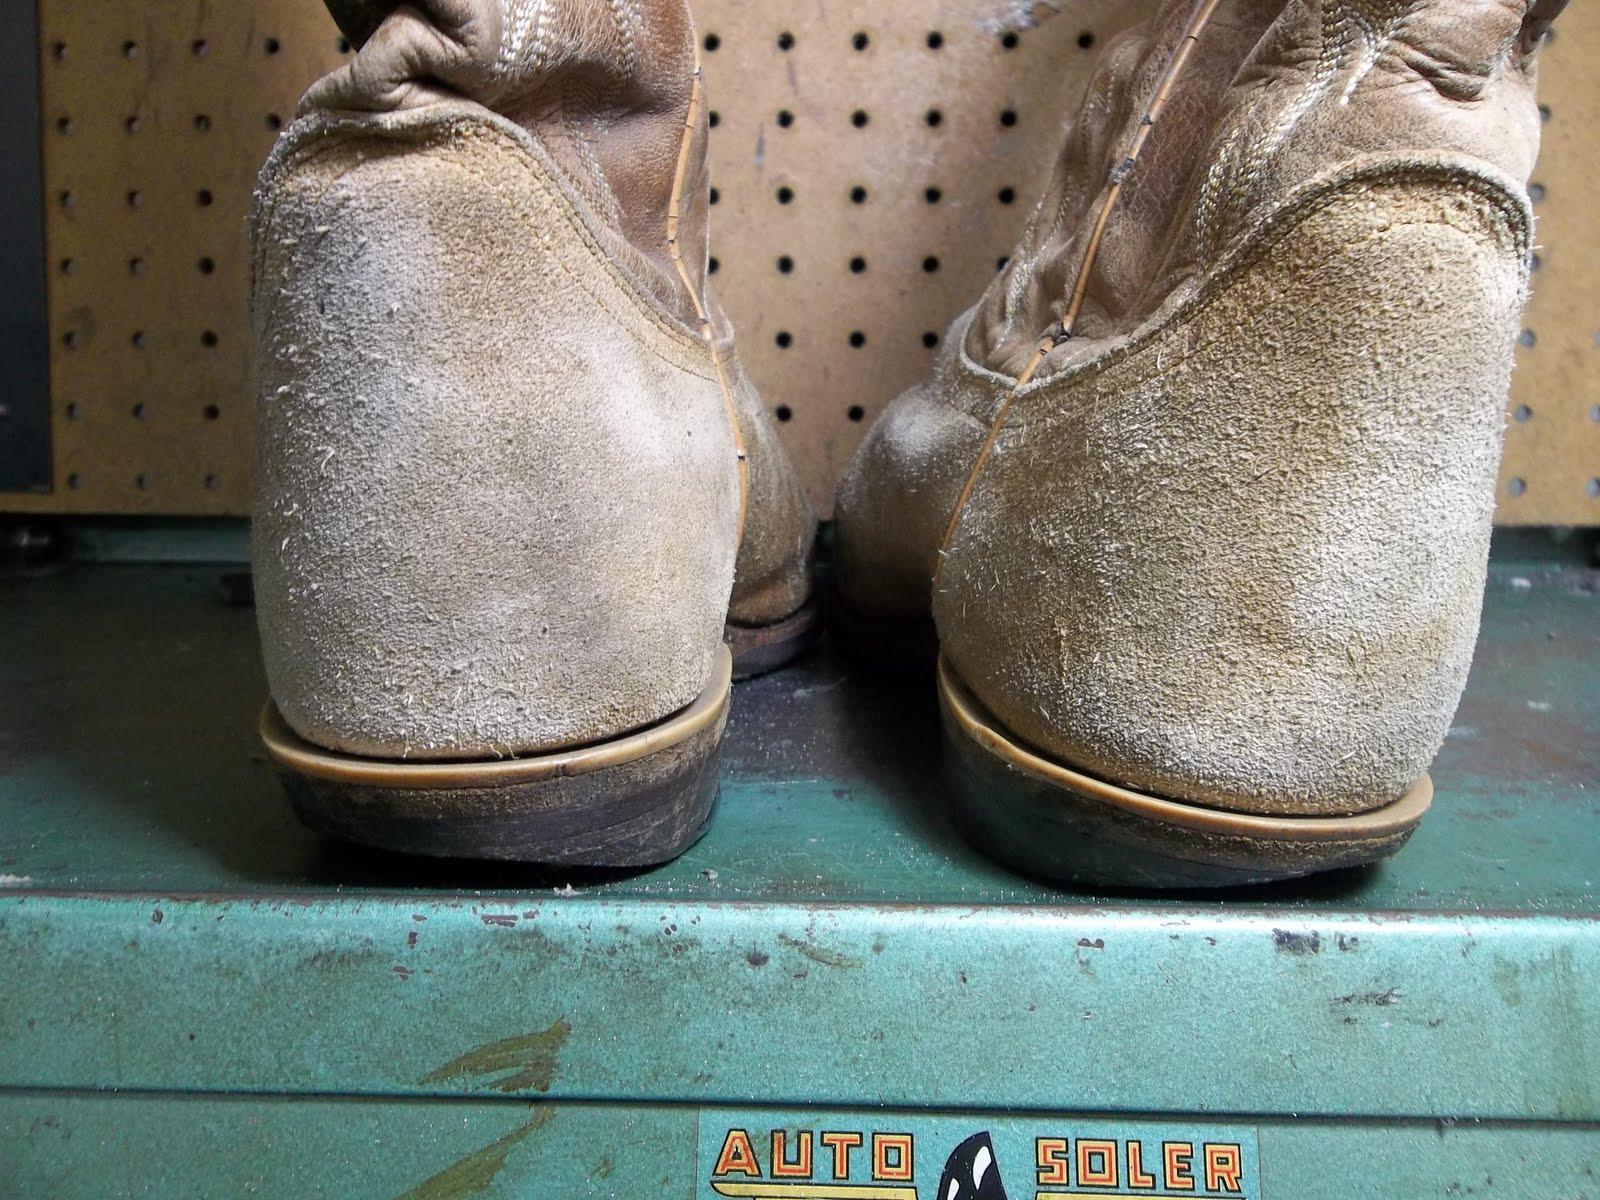 edgewood drive shoe repair july 2011